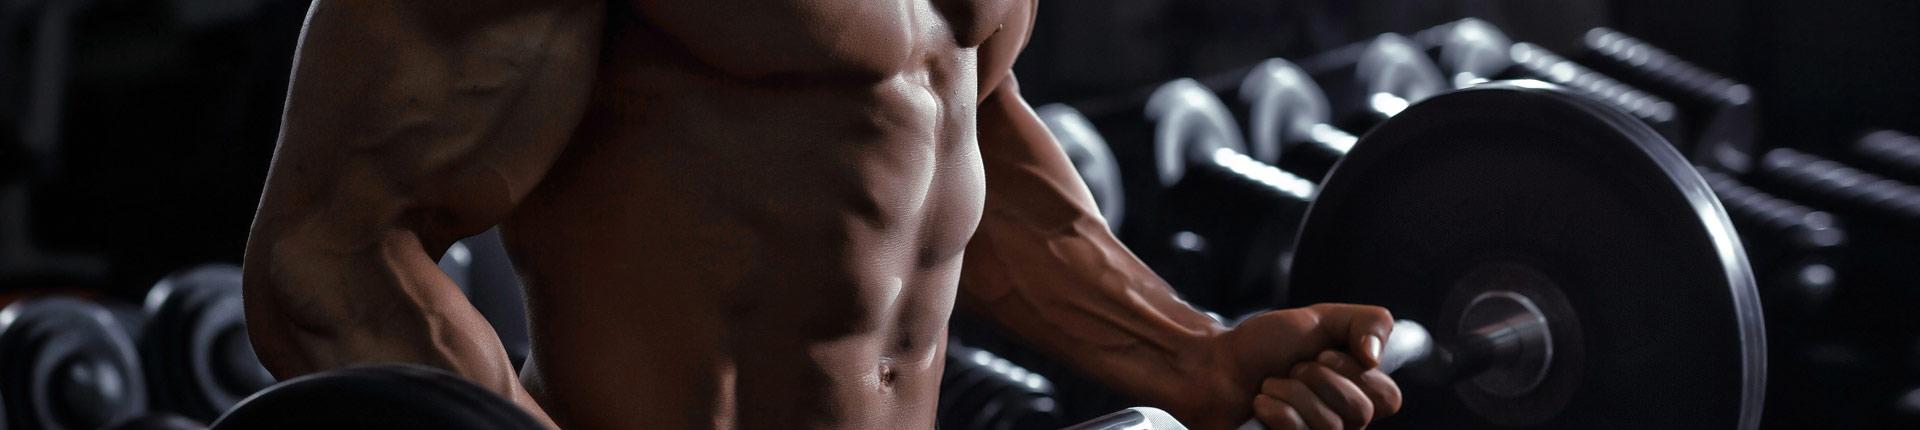 Jak powiększyć obwód bicepsów? Ćwiczenia na biceps